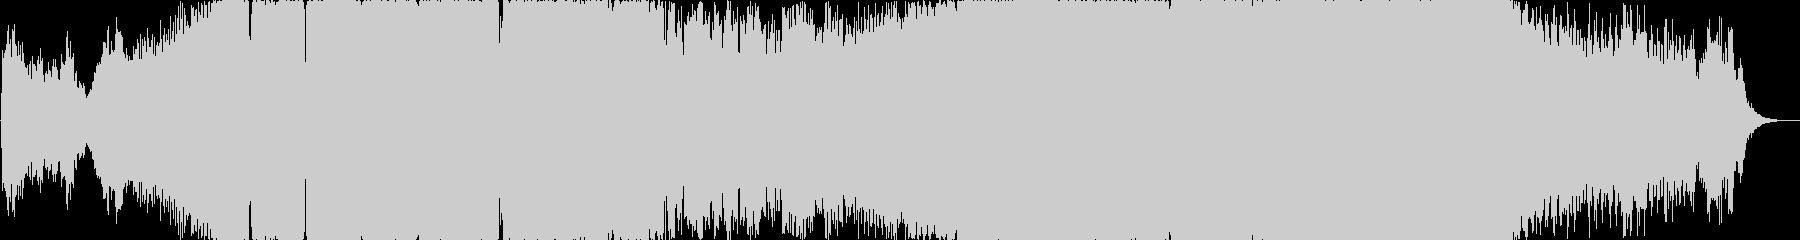 ガバキックとシンセリードが特徴の激しい曲の未再生の波形